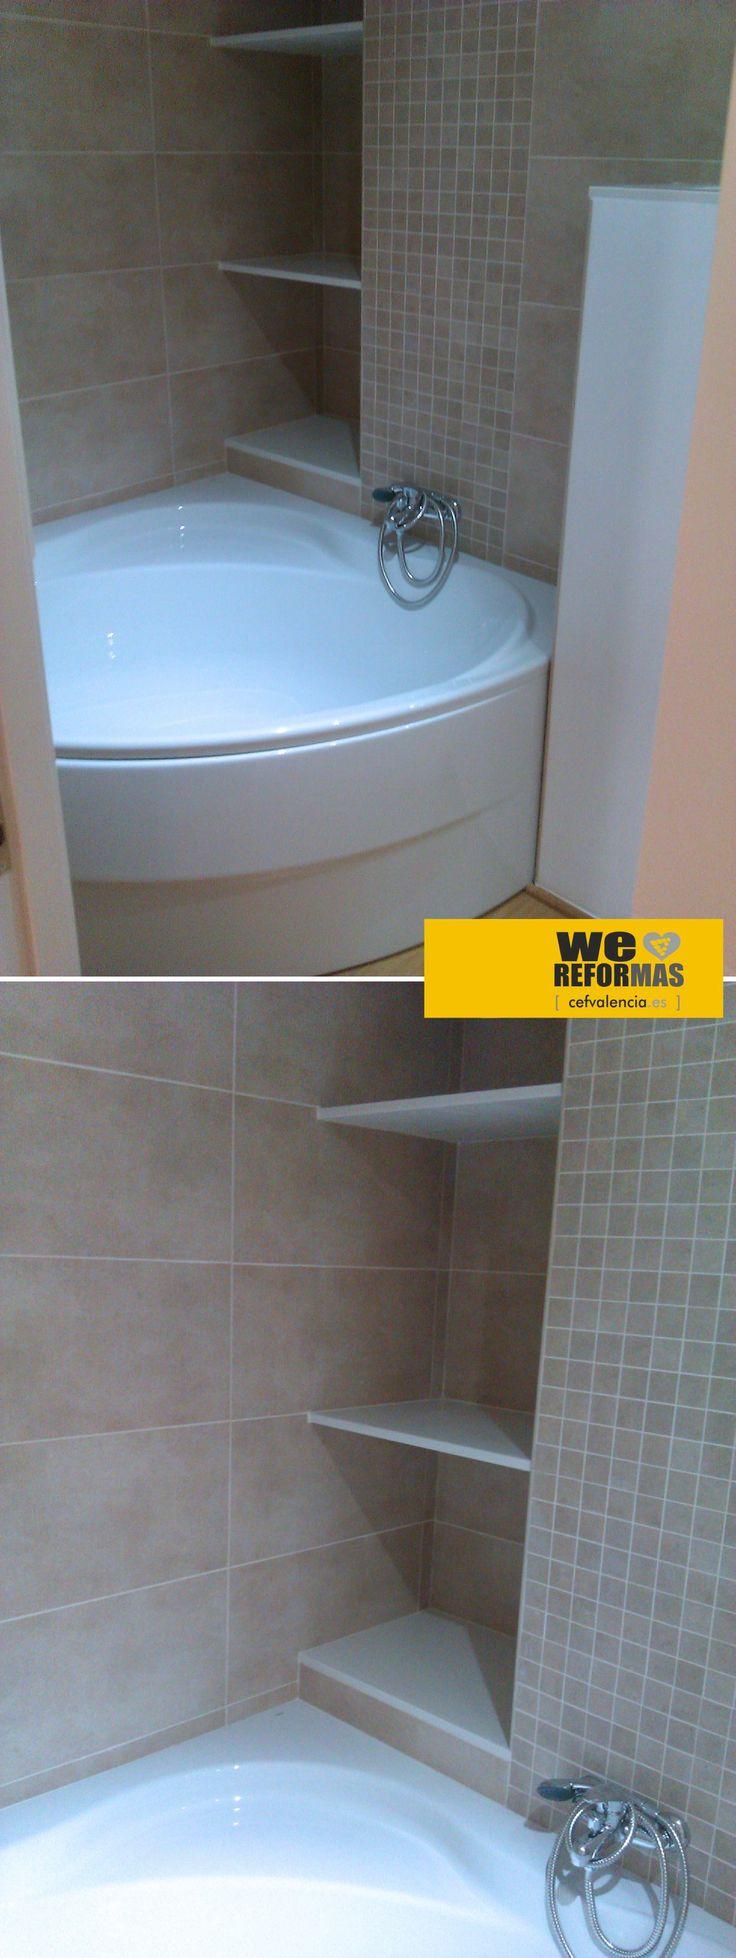 Aprovechando hueco de falseado de bajantes, conseguimos zona para guardar toallas en la reforma parcial de vivienda que llevamos a cabo en Zona Mestalla de Valencia.  Más fotos en:  www.cefvalencia.es/galeria/fotos-banos-gama-alta.html  CEF Valencia, proyectos y reformas integrales